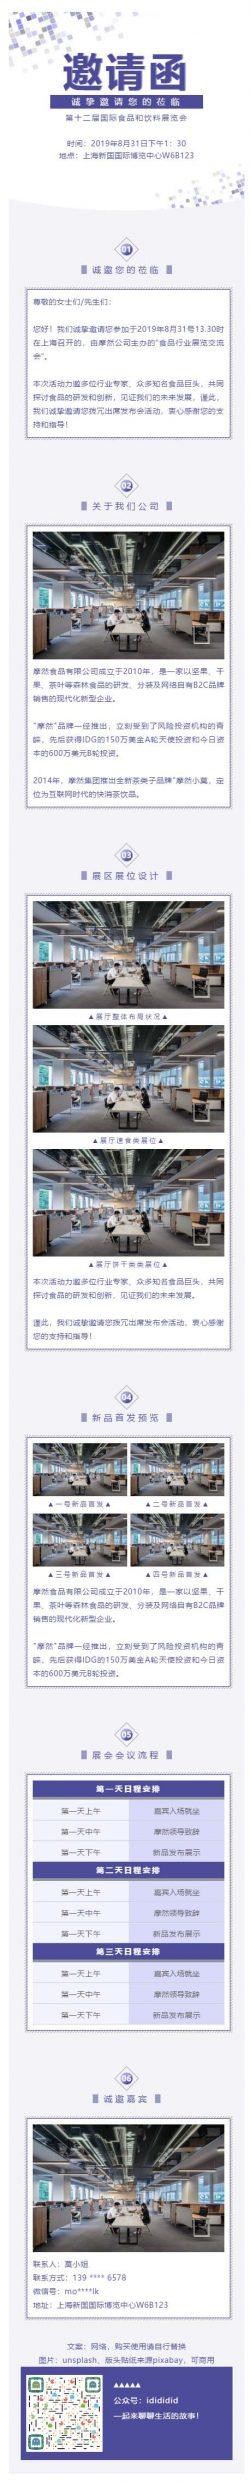 蓝色企业邀请函微信公众号推文模板公司推送微信素材